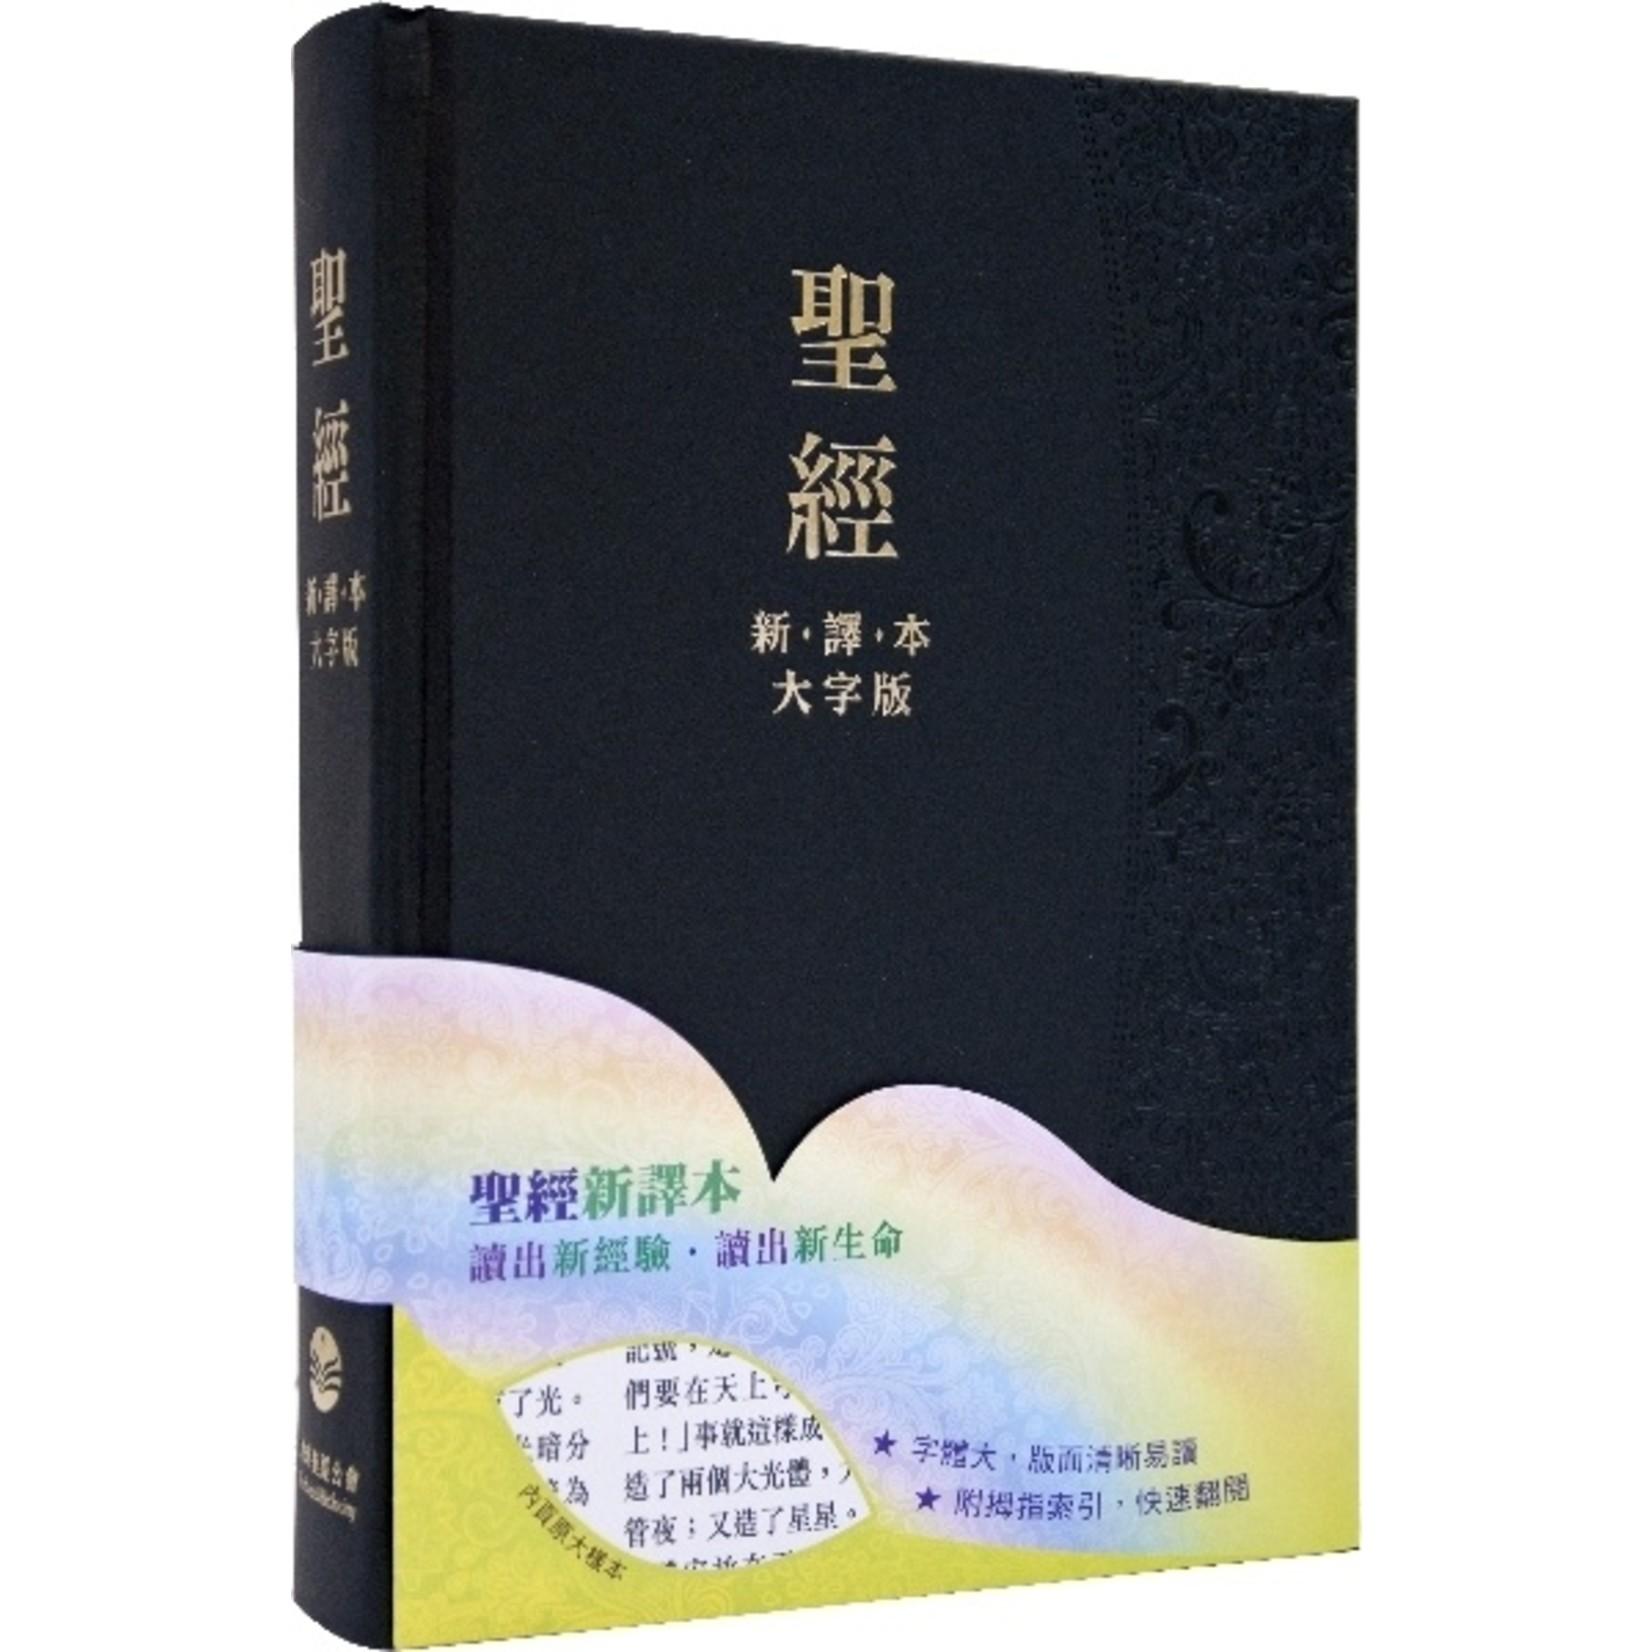 環球聖經公會 The Worldwide Bible Society 大字版 ‧新譯本 繁體加大裝神字版 黑色精裝燙金白邊連姆指索引 Large Size, Trad., CNV Large Print, (Thumb Index), Black Hardback Cover, White Edge